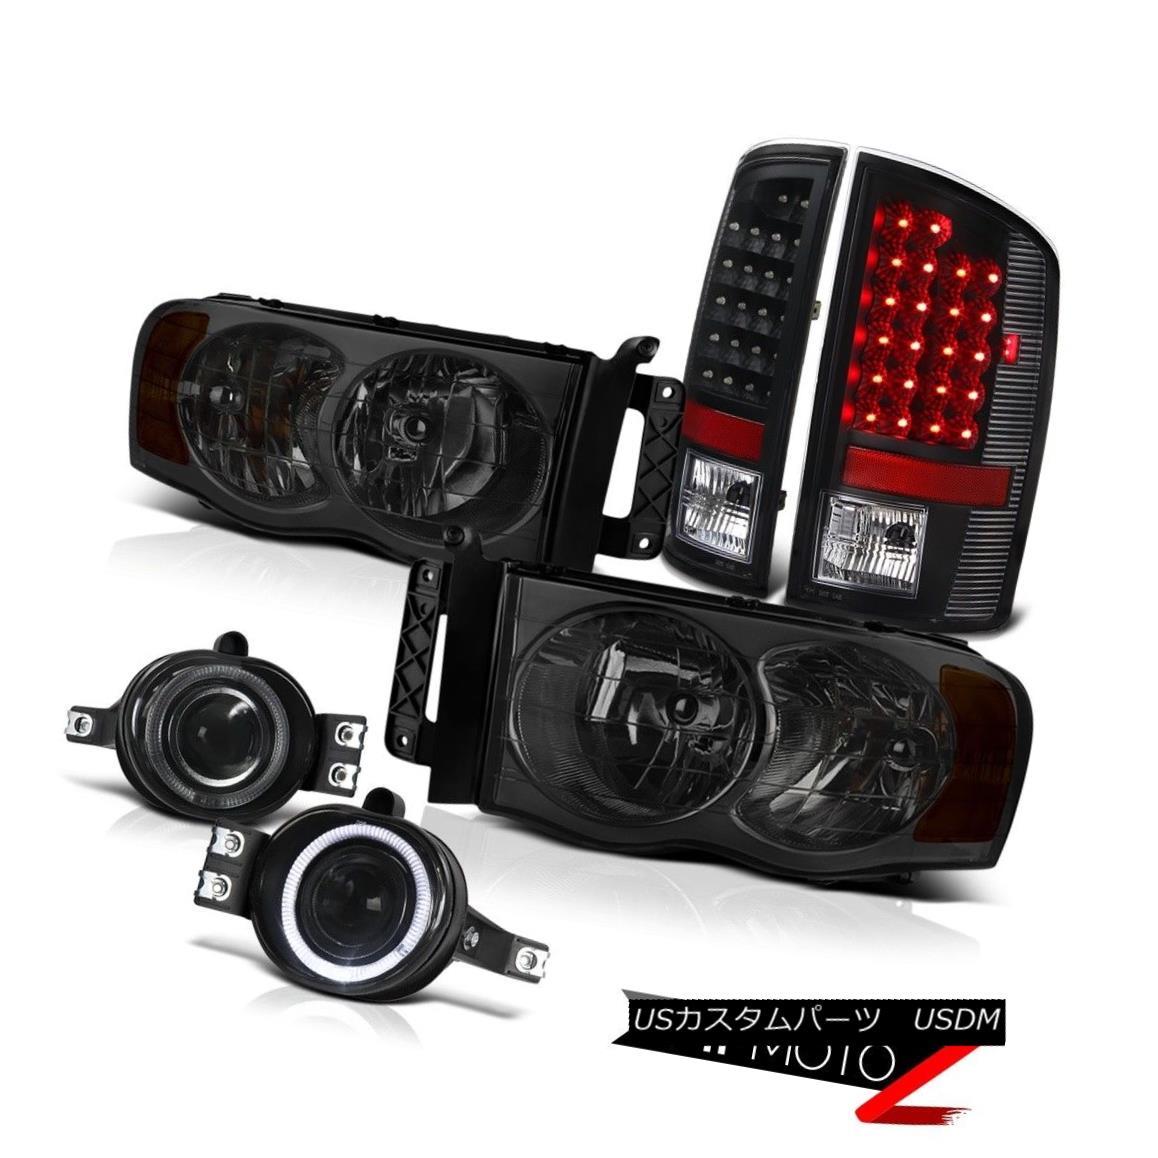 ヘッドライト 2002-2005 Dodge Ram SMOKE HeadLight BLACK LED TAIL LIGHT SMOKE PROJ FOG LIGHT 2002-2005 Dodge Ram SMOKEヘッドライトBLACK LEDテールライトソーキングPROJ FOGライト